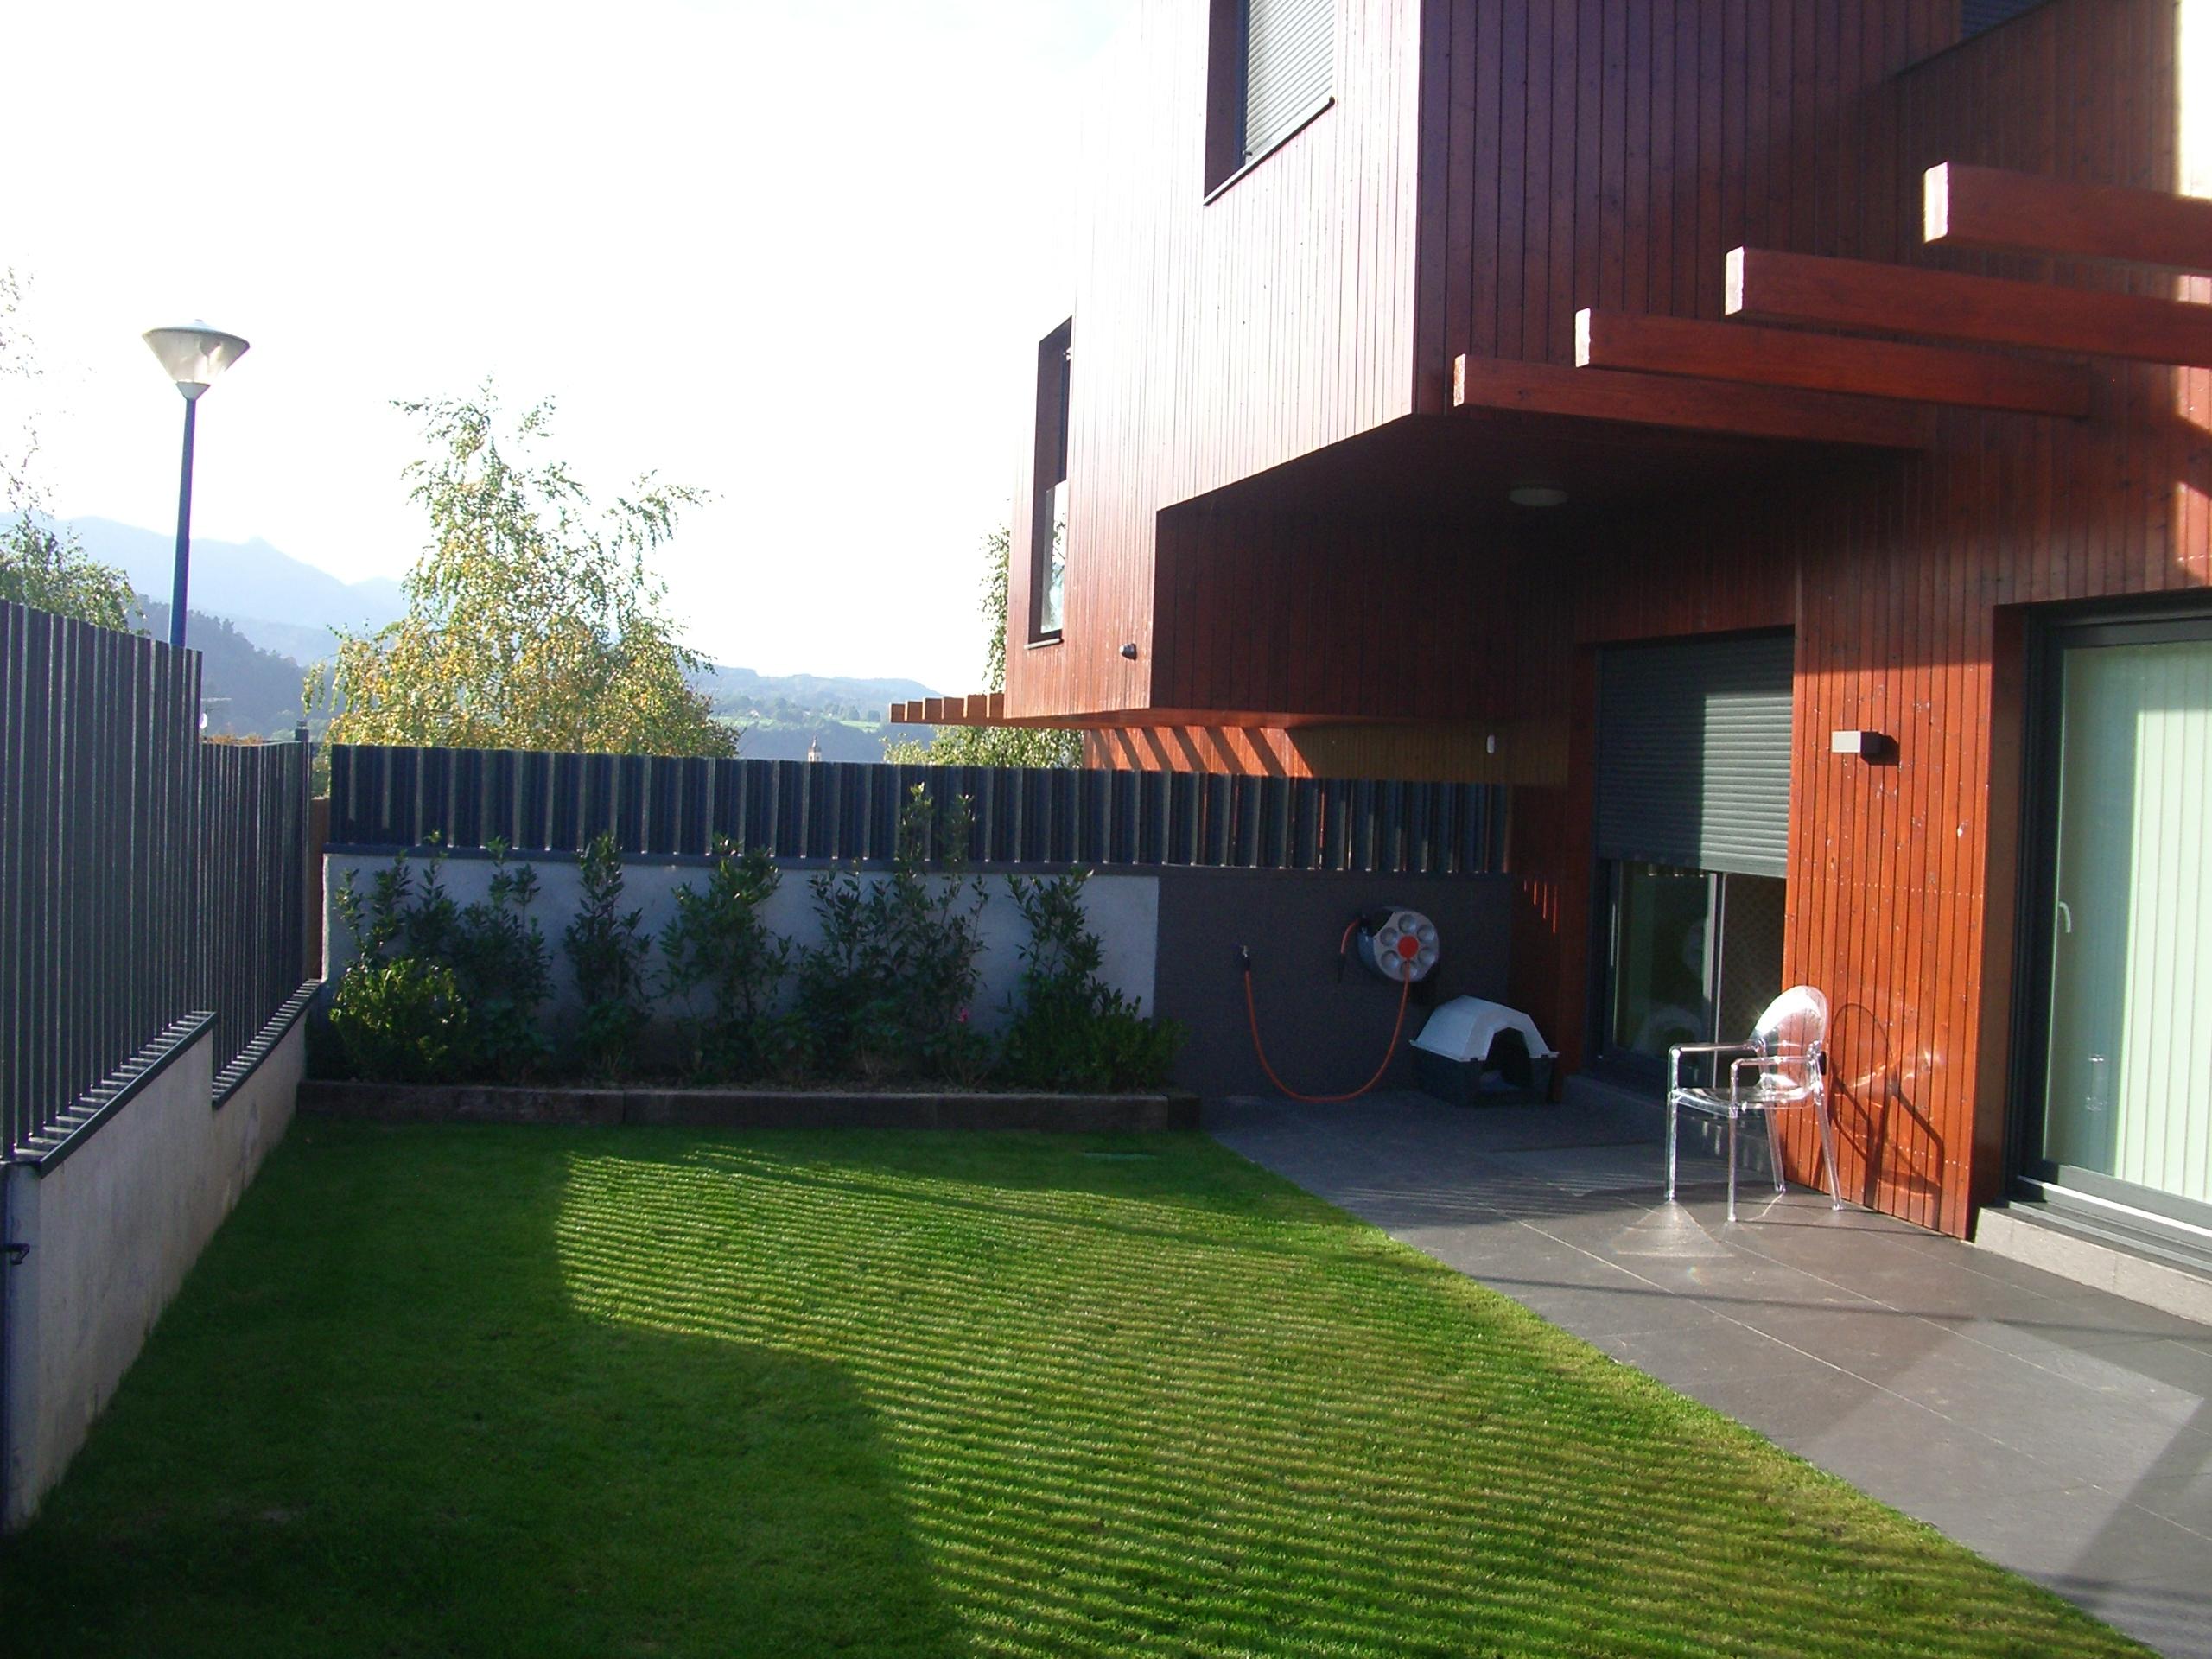 Casas canadienses en espaa trendy sin embargo nada hay ms - Casas de madera de lujo en espana ...